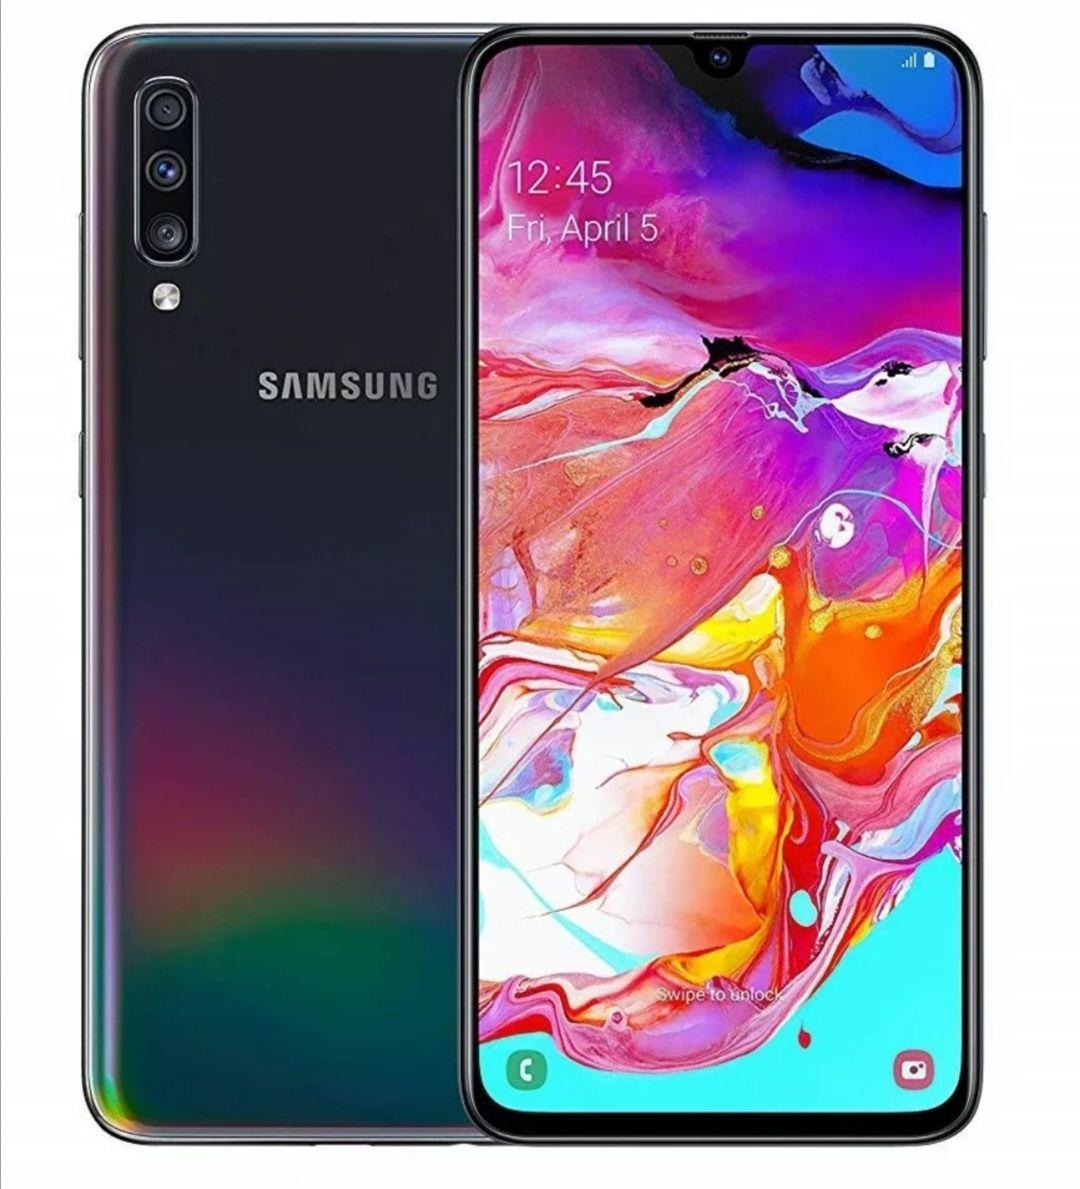 """Samsung Galaxy A70 6.7"""" Smartphone 6GB RAM SIM-Free 128GB Dual-SIM *Black* B Refurb £186.98 @ Cheapest_Electrical Ebay"""